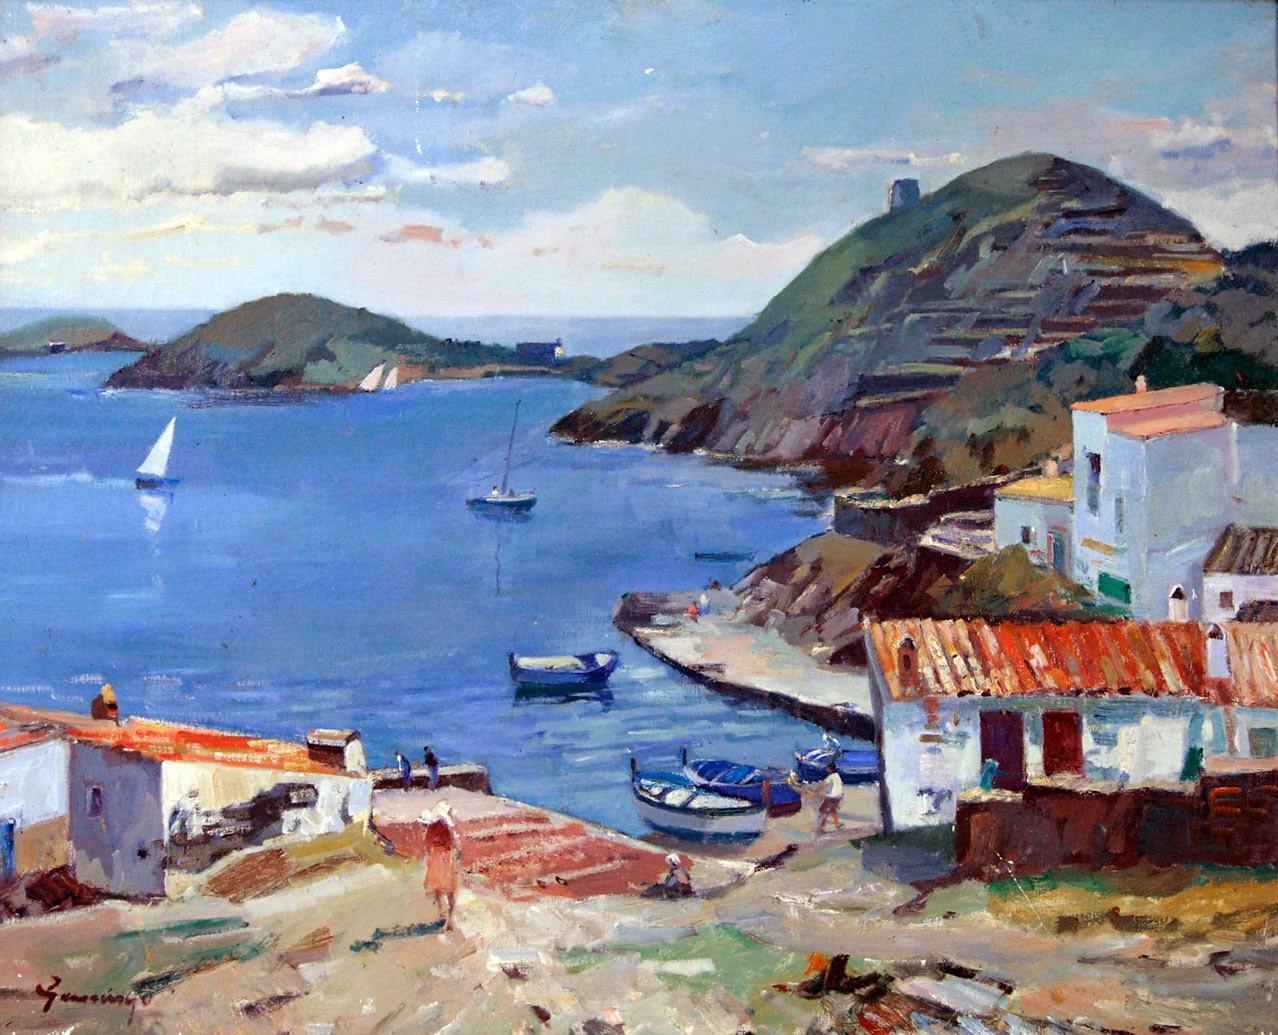 Pere Gussinyé Gironella, Cadaqués en pintura, Pintura Catalana, Pintores españoles, Pintura española, Vista de Port Lligat